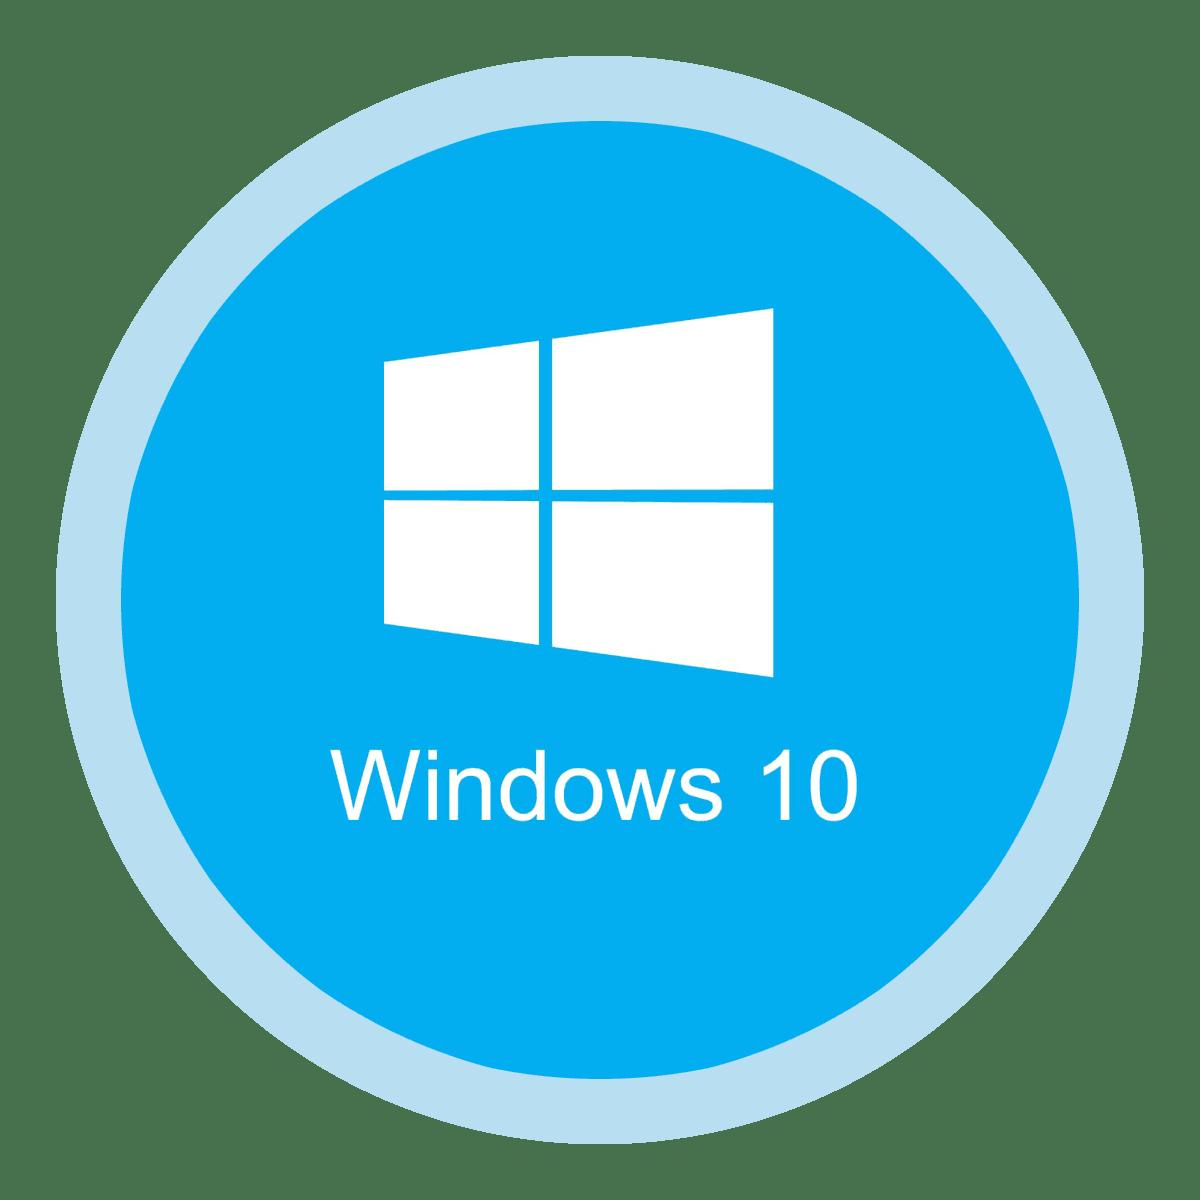 تحميل برنامج es file explorer للكمبيوتر